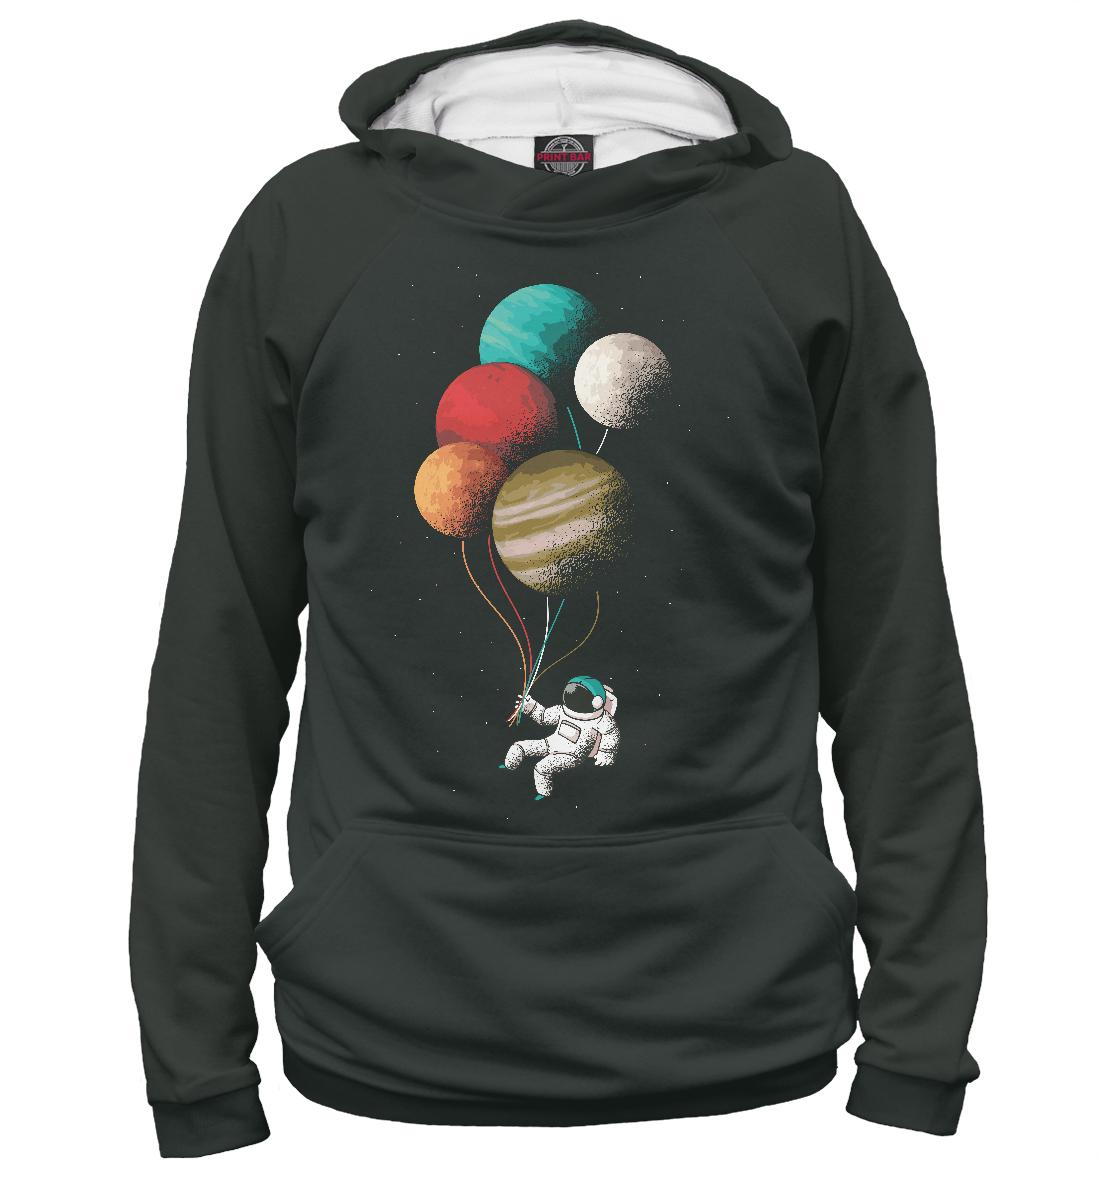 Купить Космонавт в космосе с планетами, Printbar, Худи, HIP-694302-hud-1